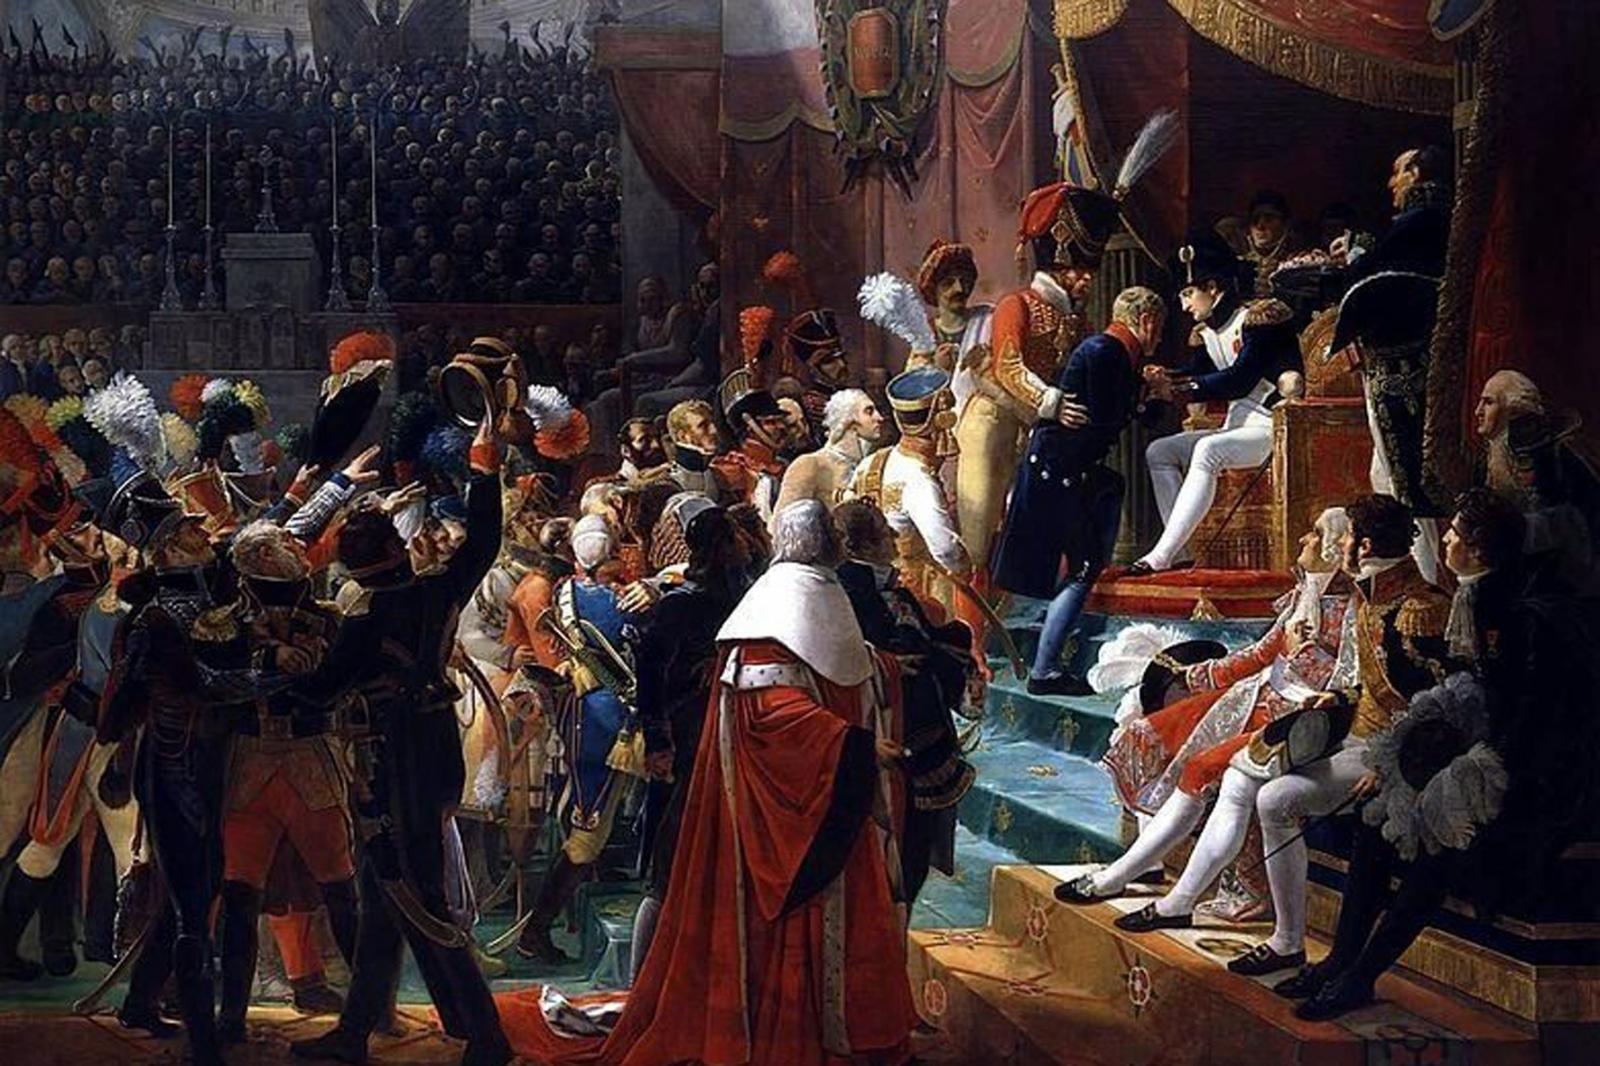 19 MAJA 1802 r. - USTANOWIENIE ODZNACZENIA ORDERU LEGII HONOROWEJ